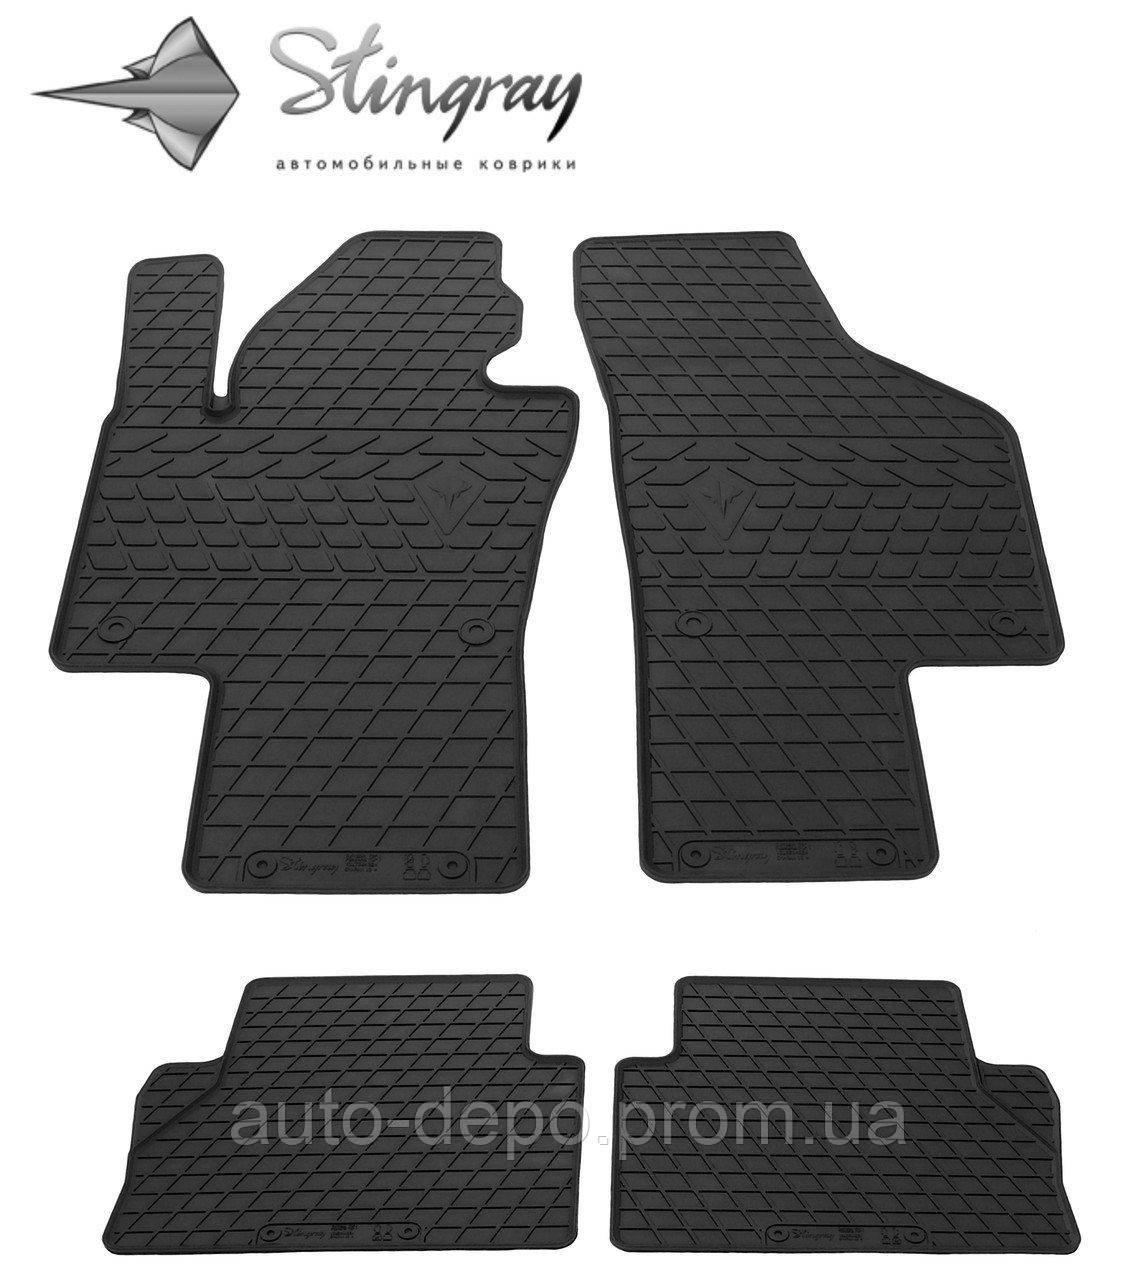 Коврики автомобильные для Volkswagen Sharan 2010- Stingray